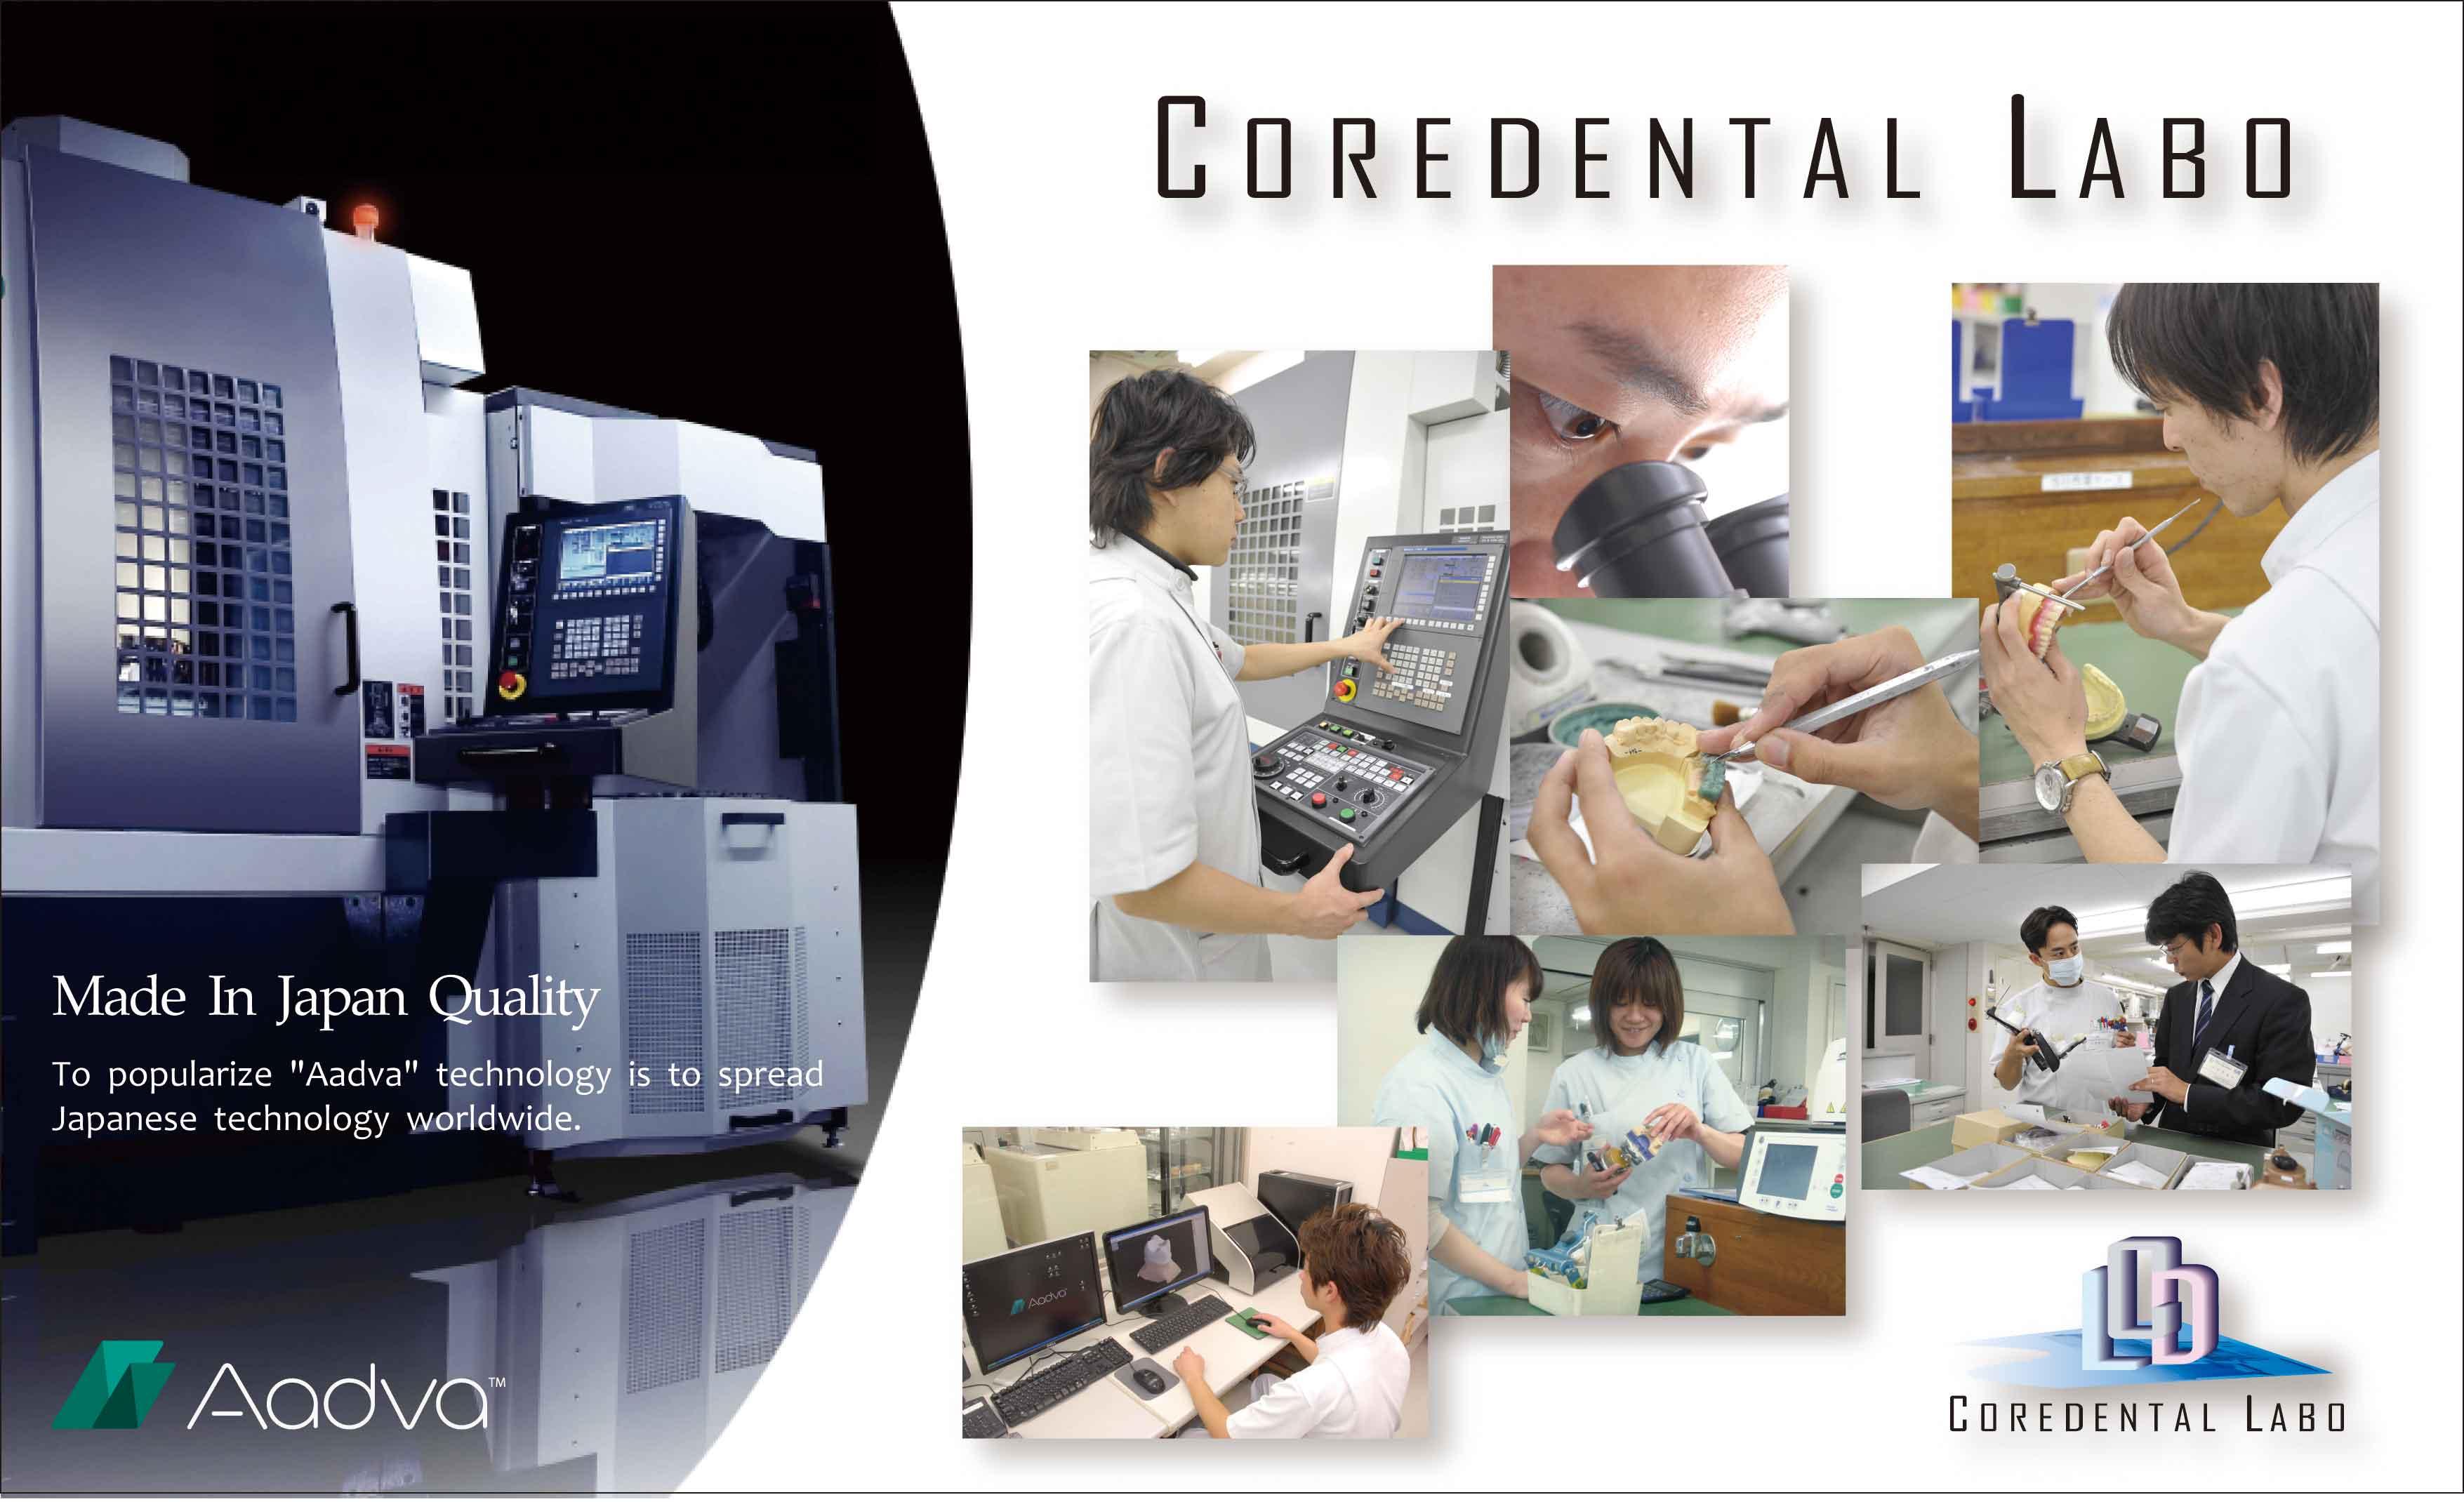 coredental.jpg